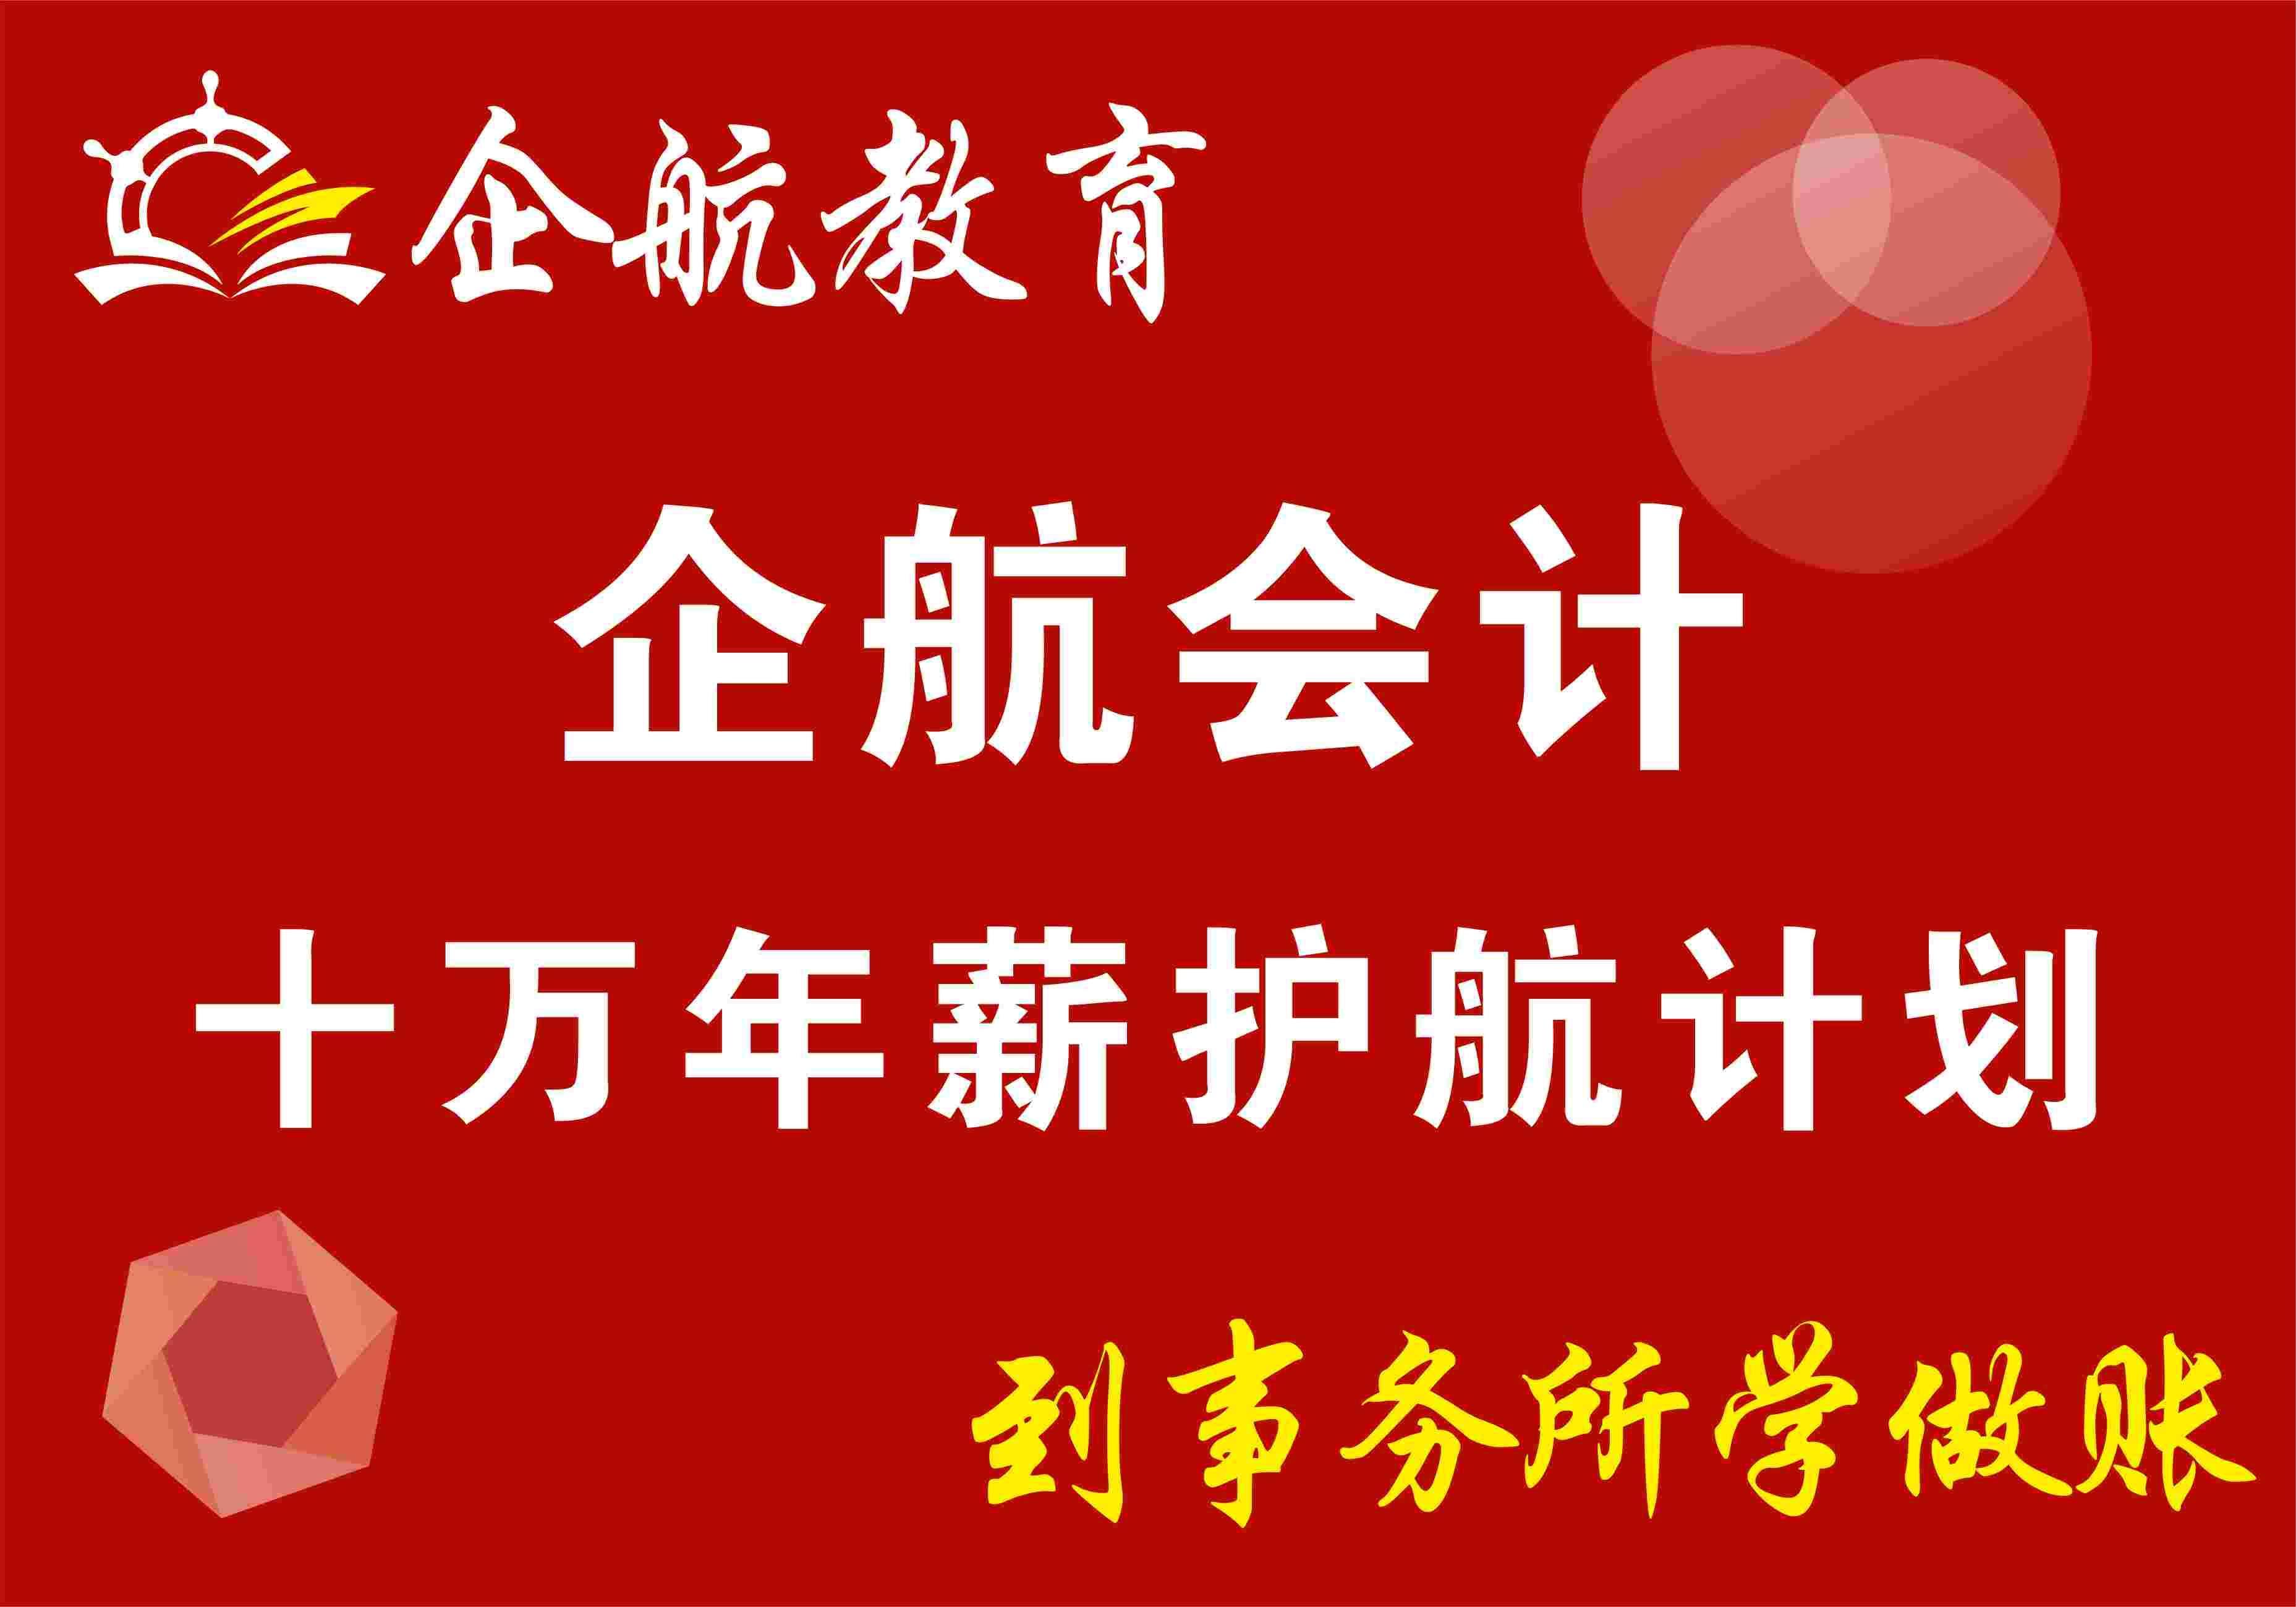 惠州企航十万年薪护航计划